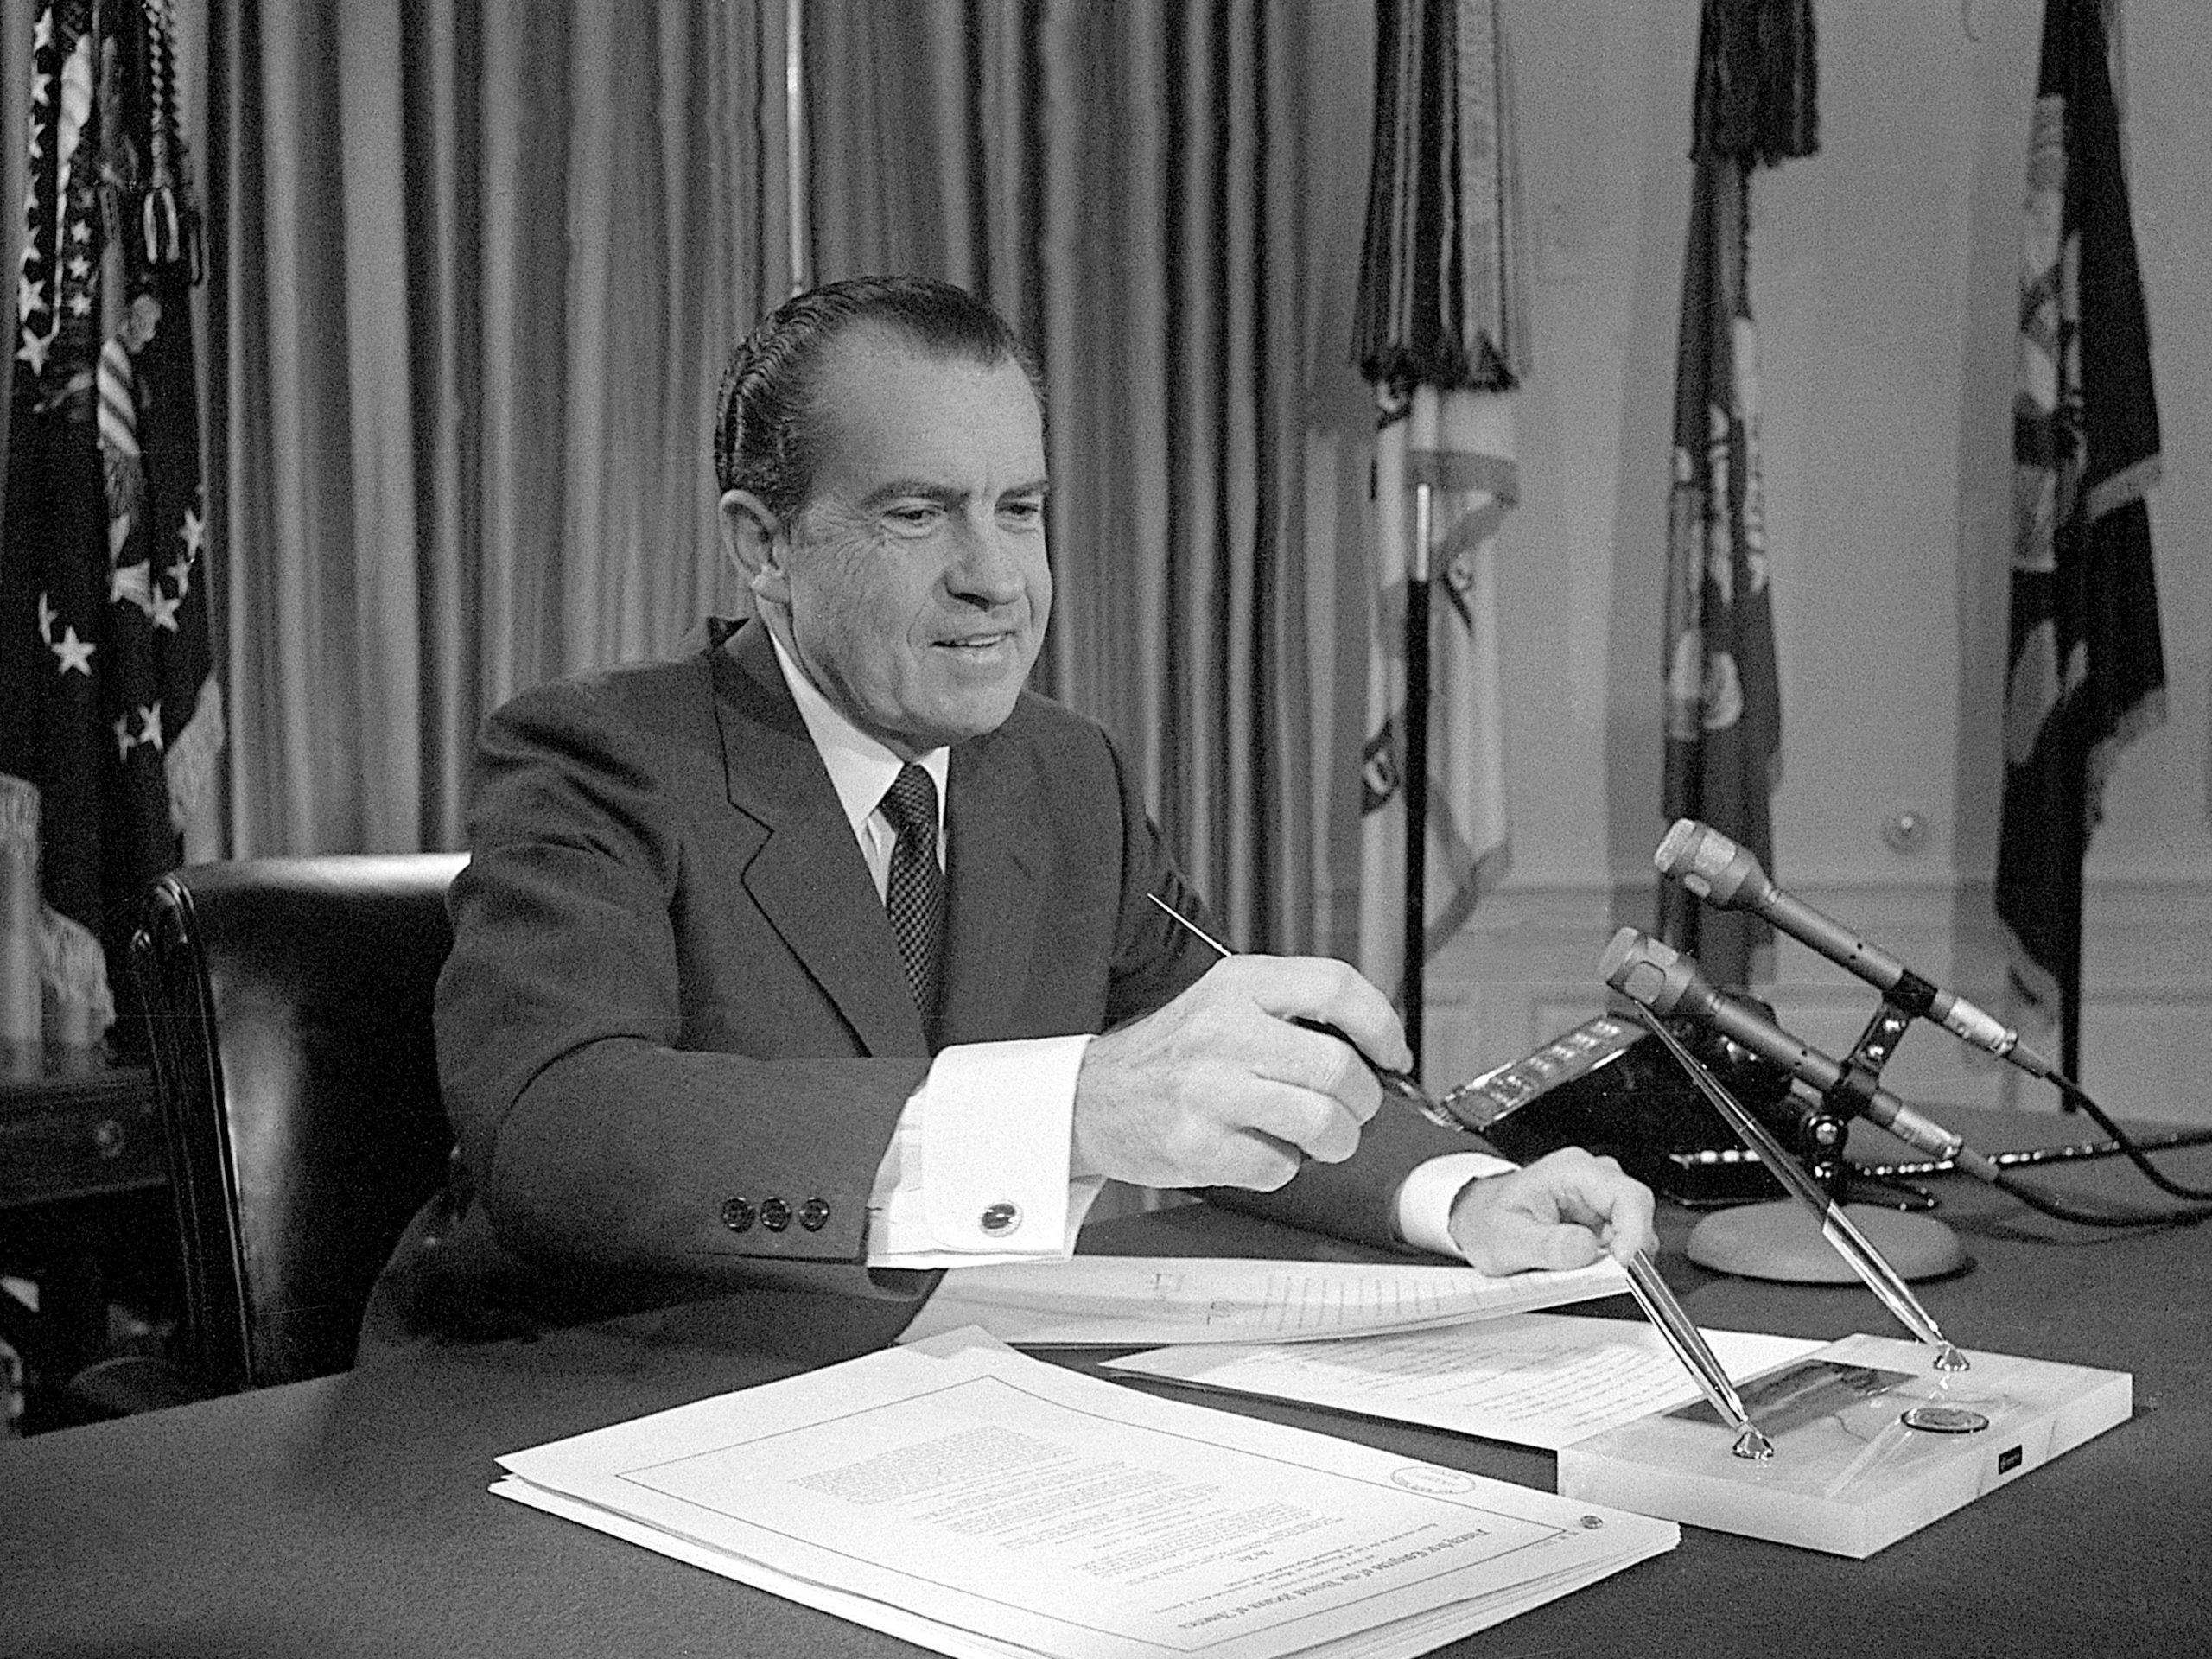 تاريخ امريكا - إدارة ريتشارد نيكسون